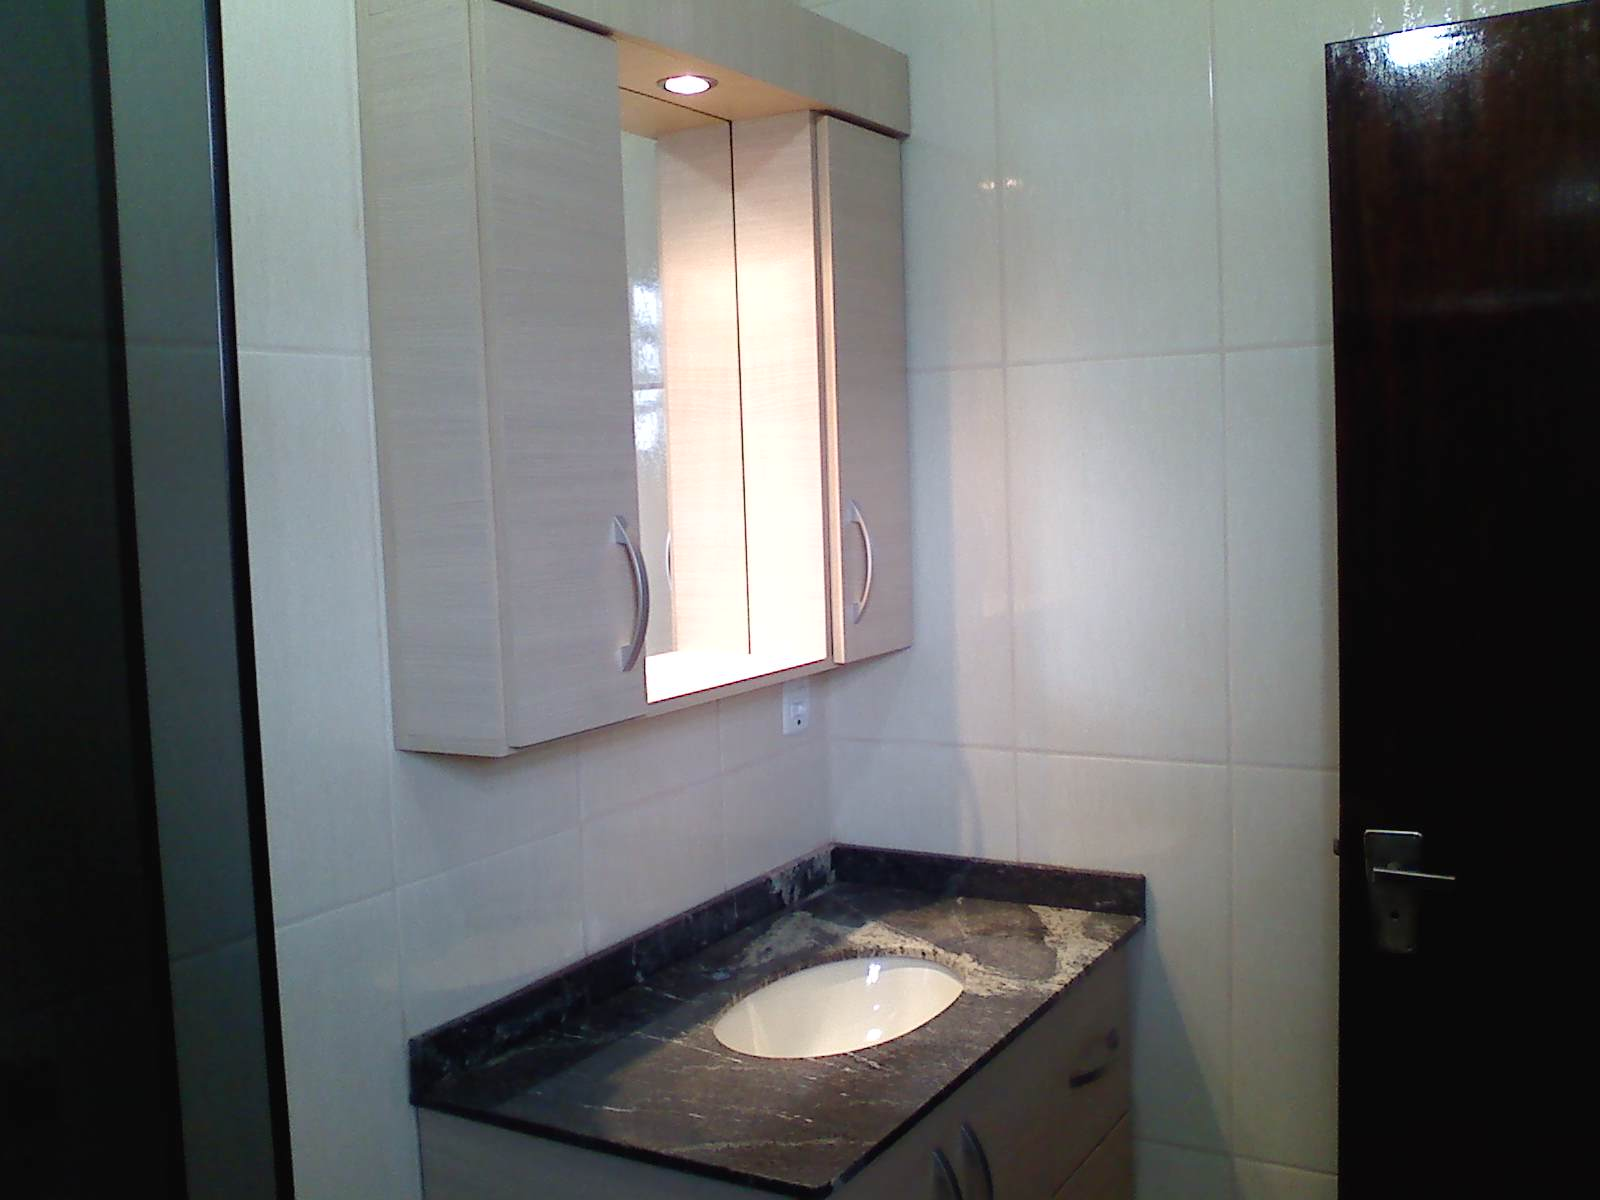 Brodt Tudo em Móveis Sob Medida: Armário Aéreo e Balcão de Pia #796252 1600x1200 Balcao Banheiro Com Espelho